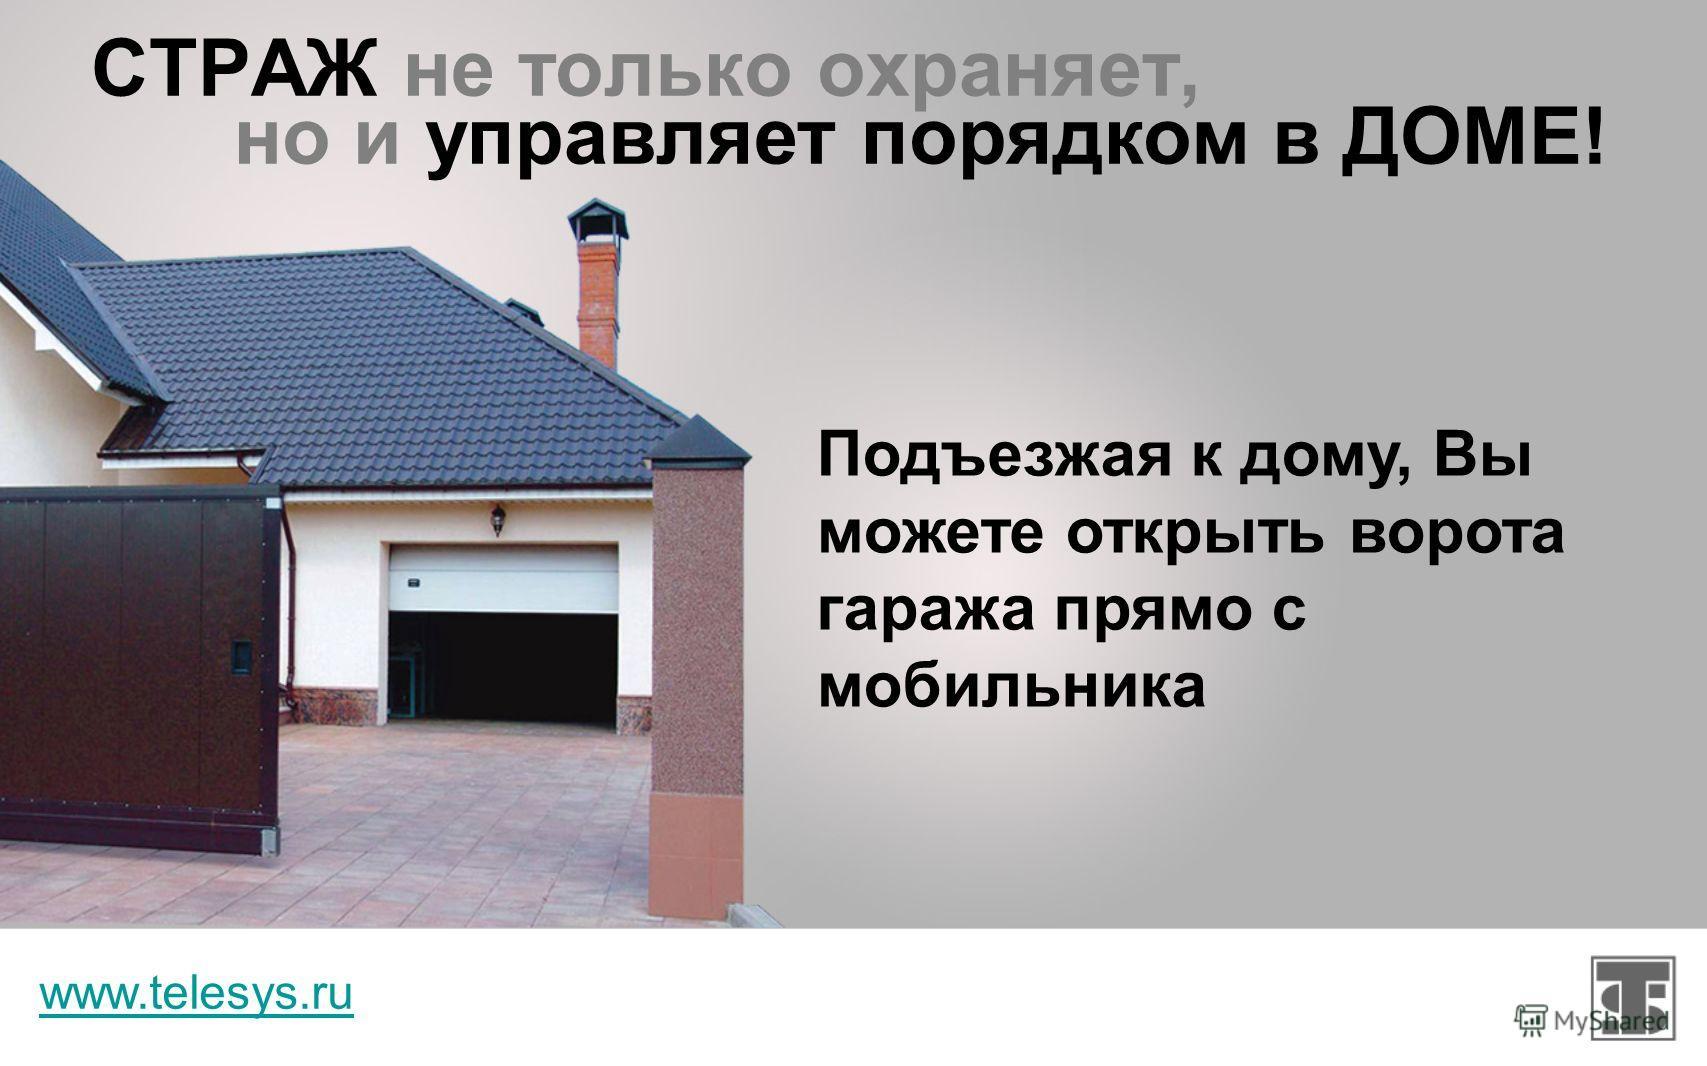 СТРАЖ не только охраняет, www.telesys.ru Вы можете заблокировать замок входной двери но и управляет порядком в ДОМЕ!